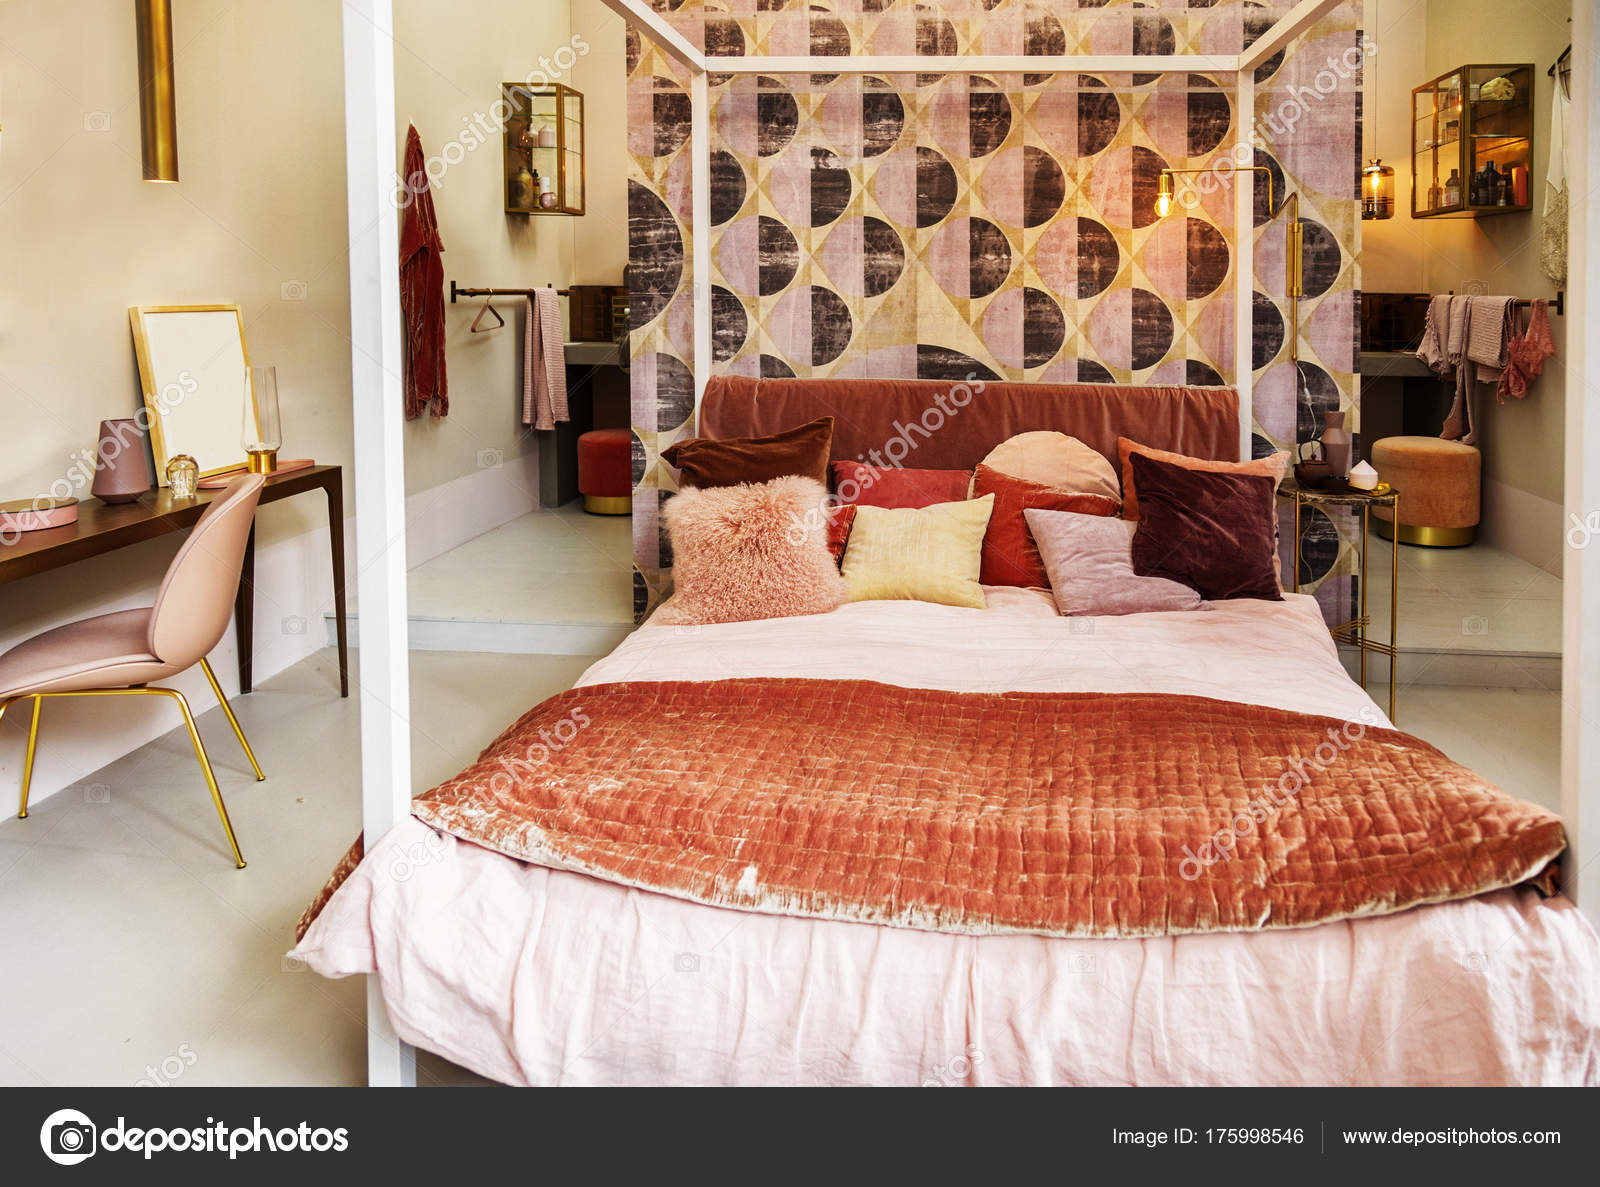 slaapkamer in landelijke stijl — Stockfoto © araraadt #175998546